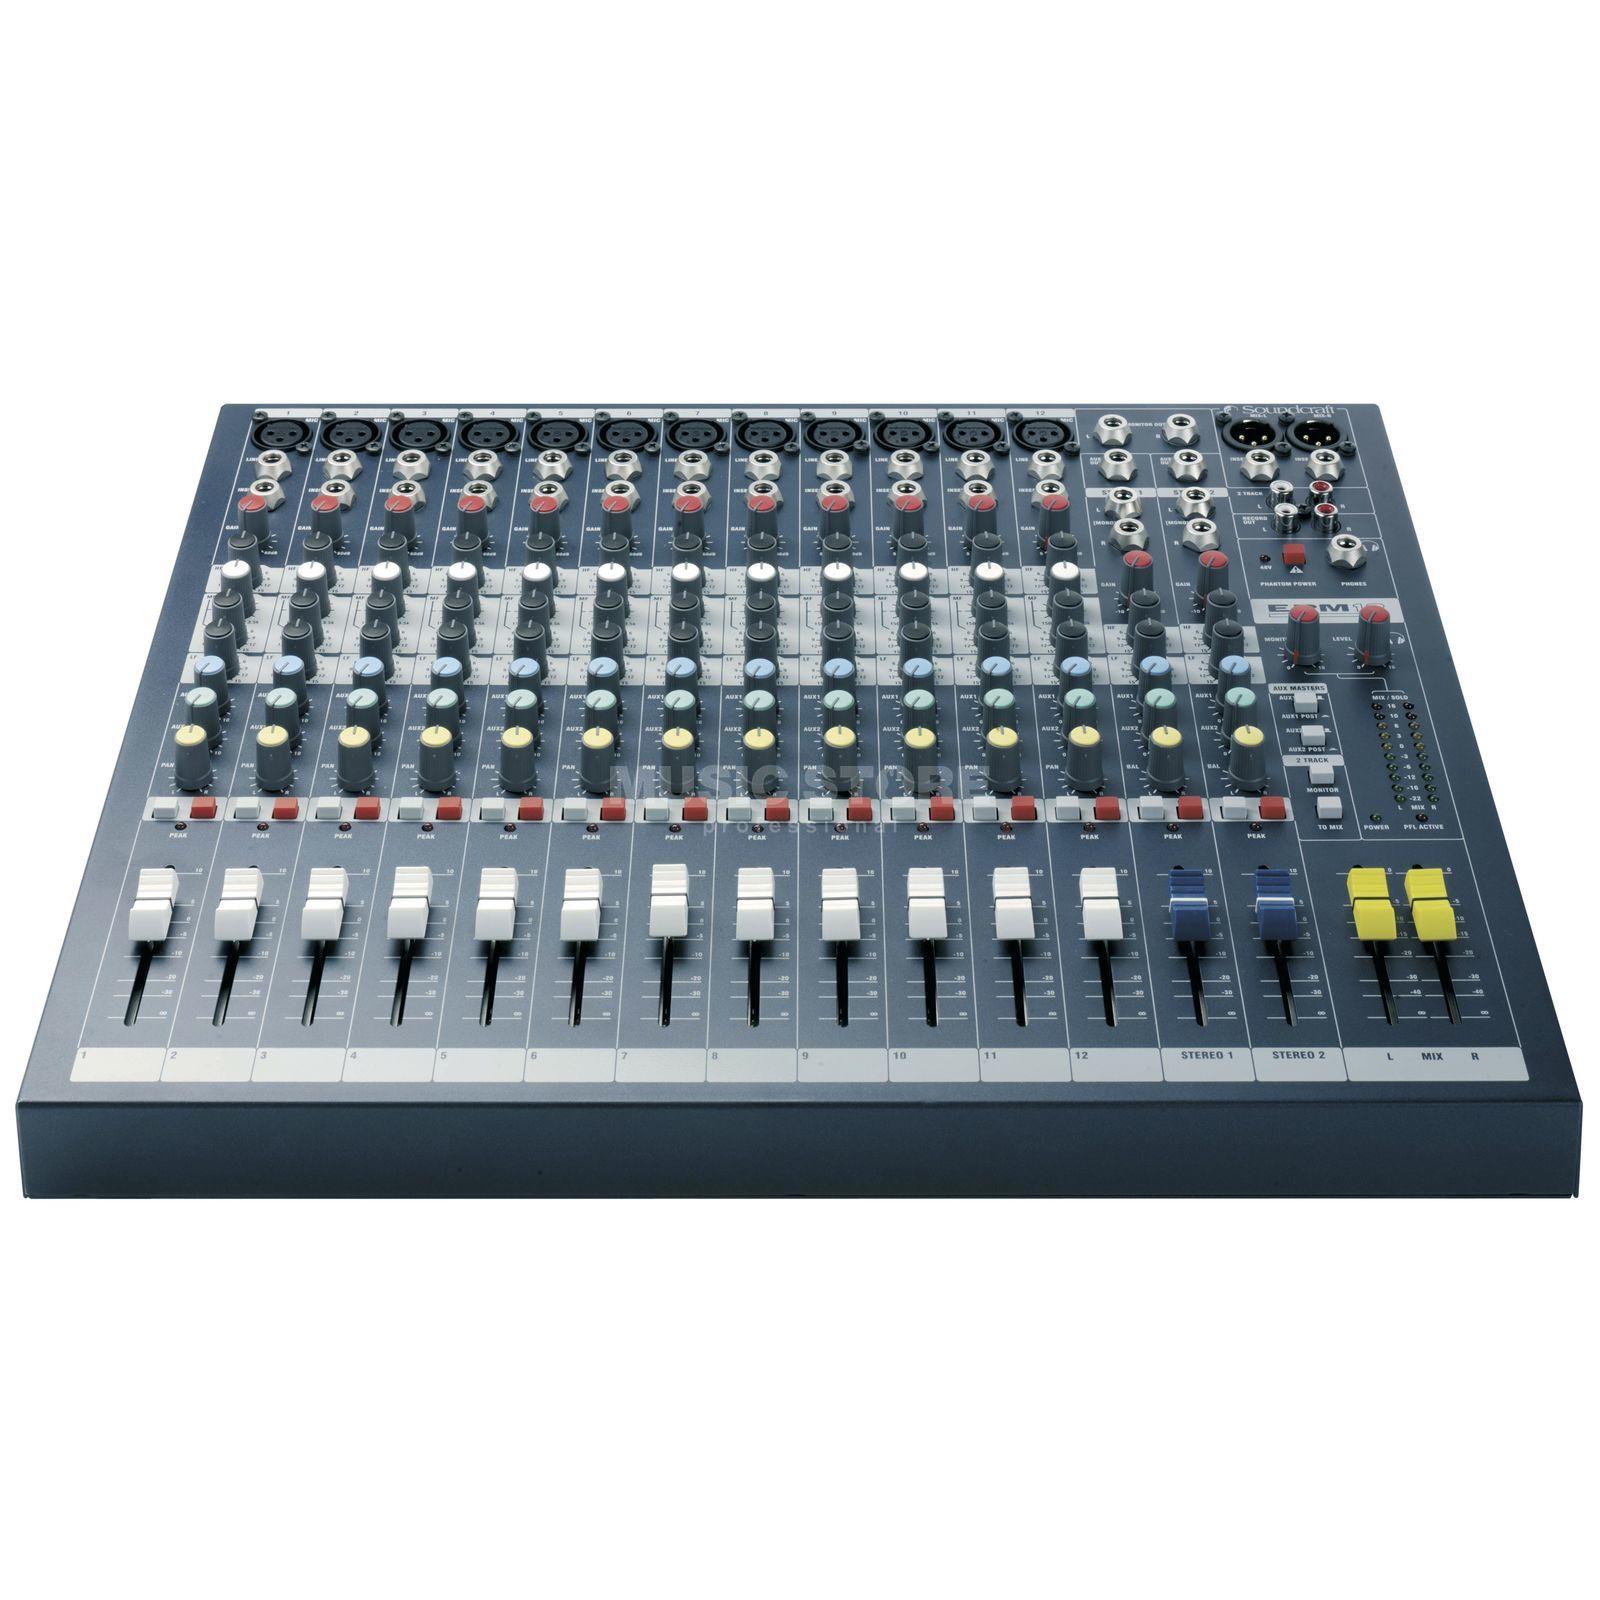 Soundcraft epm 12 mesa de mezcla compacta 12 mono 2 canales est reo - Mesa de mezclas 2 canales ...